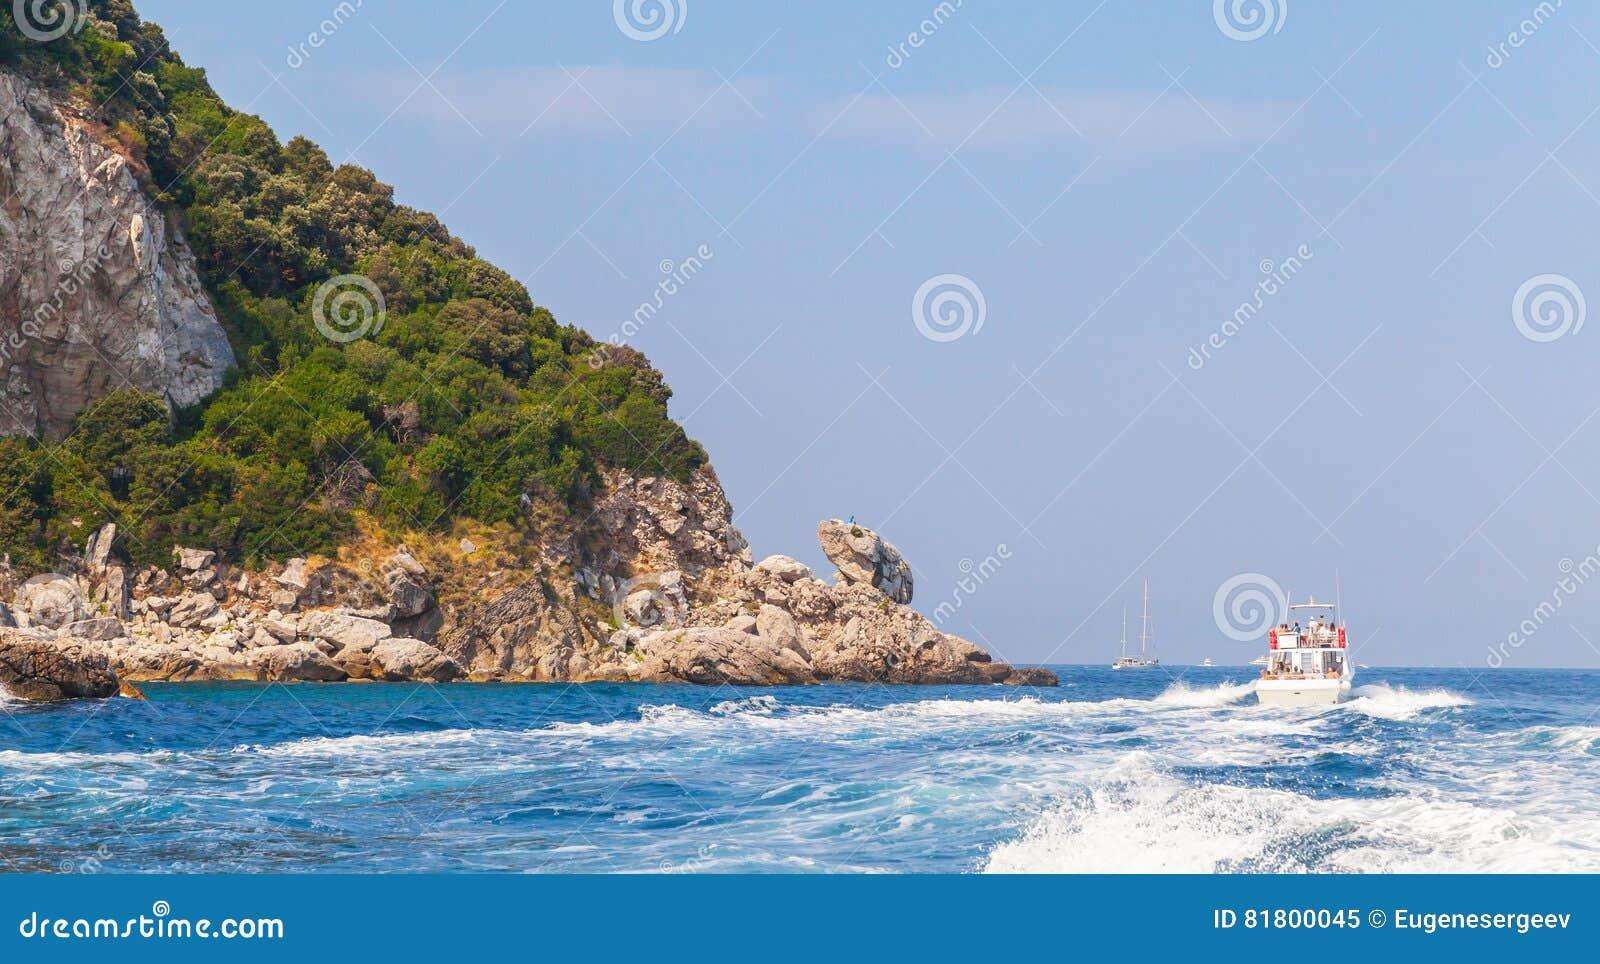 Моторка идет около утесов острова Капри, Италии